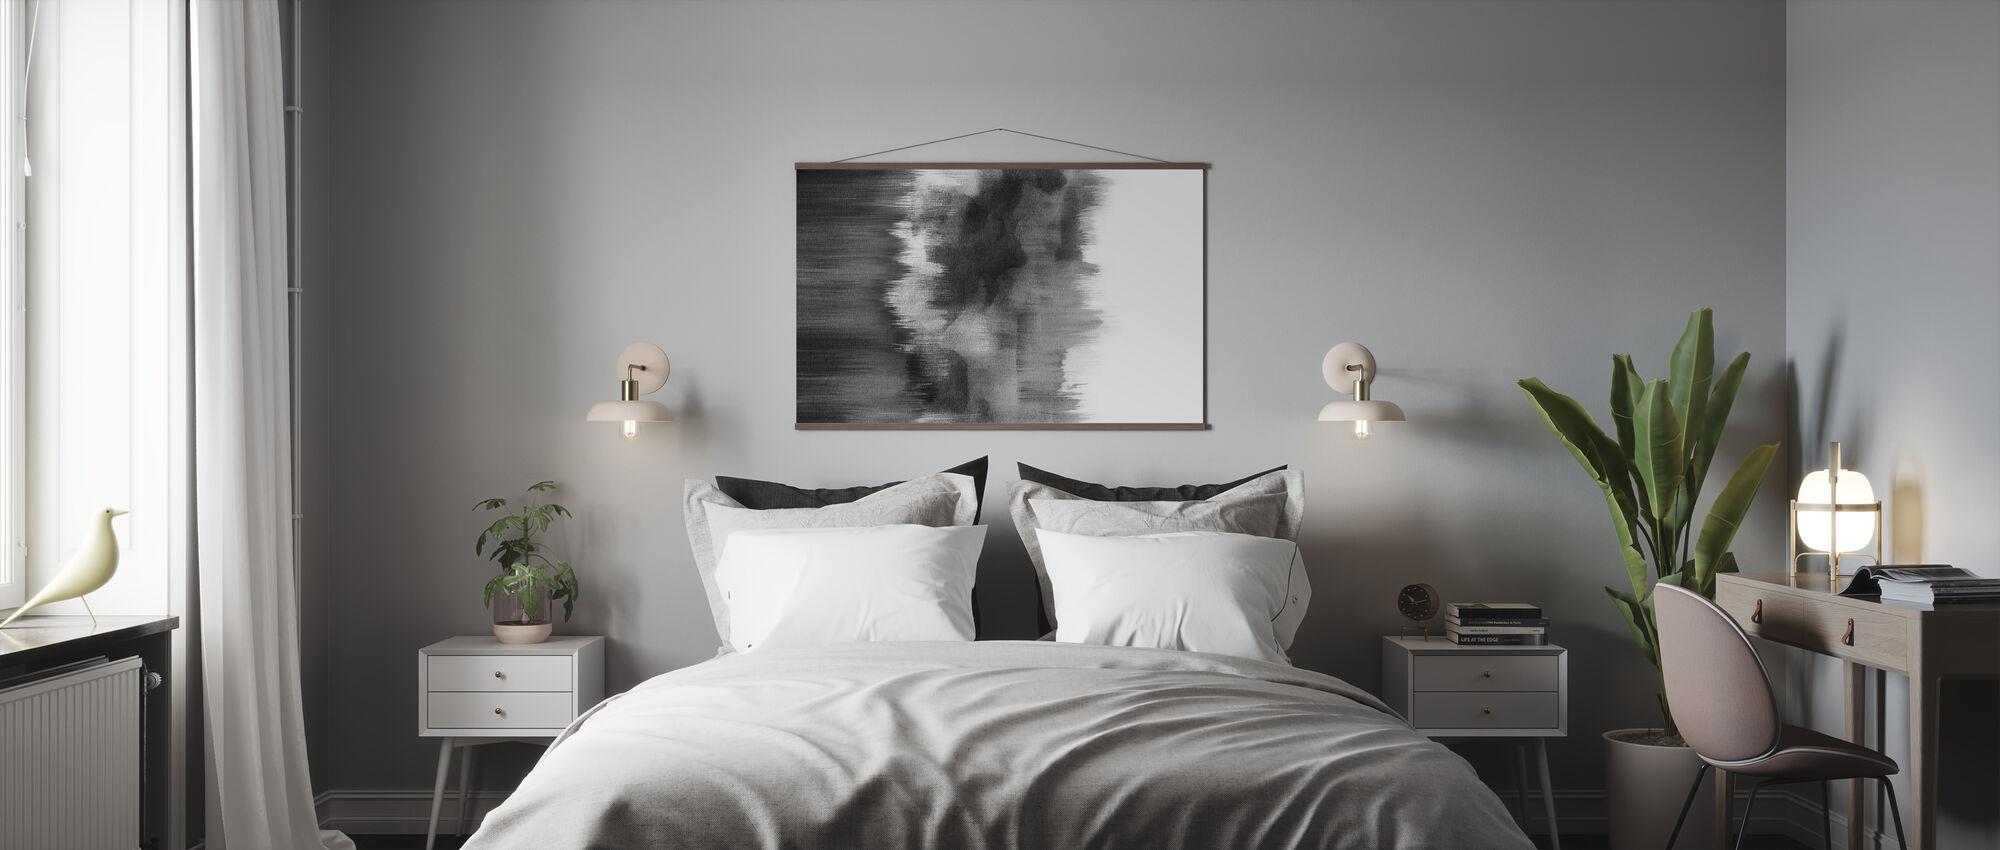 Pennellate acquerello nero - Poster - Camera da letto